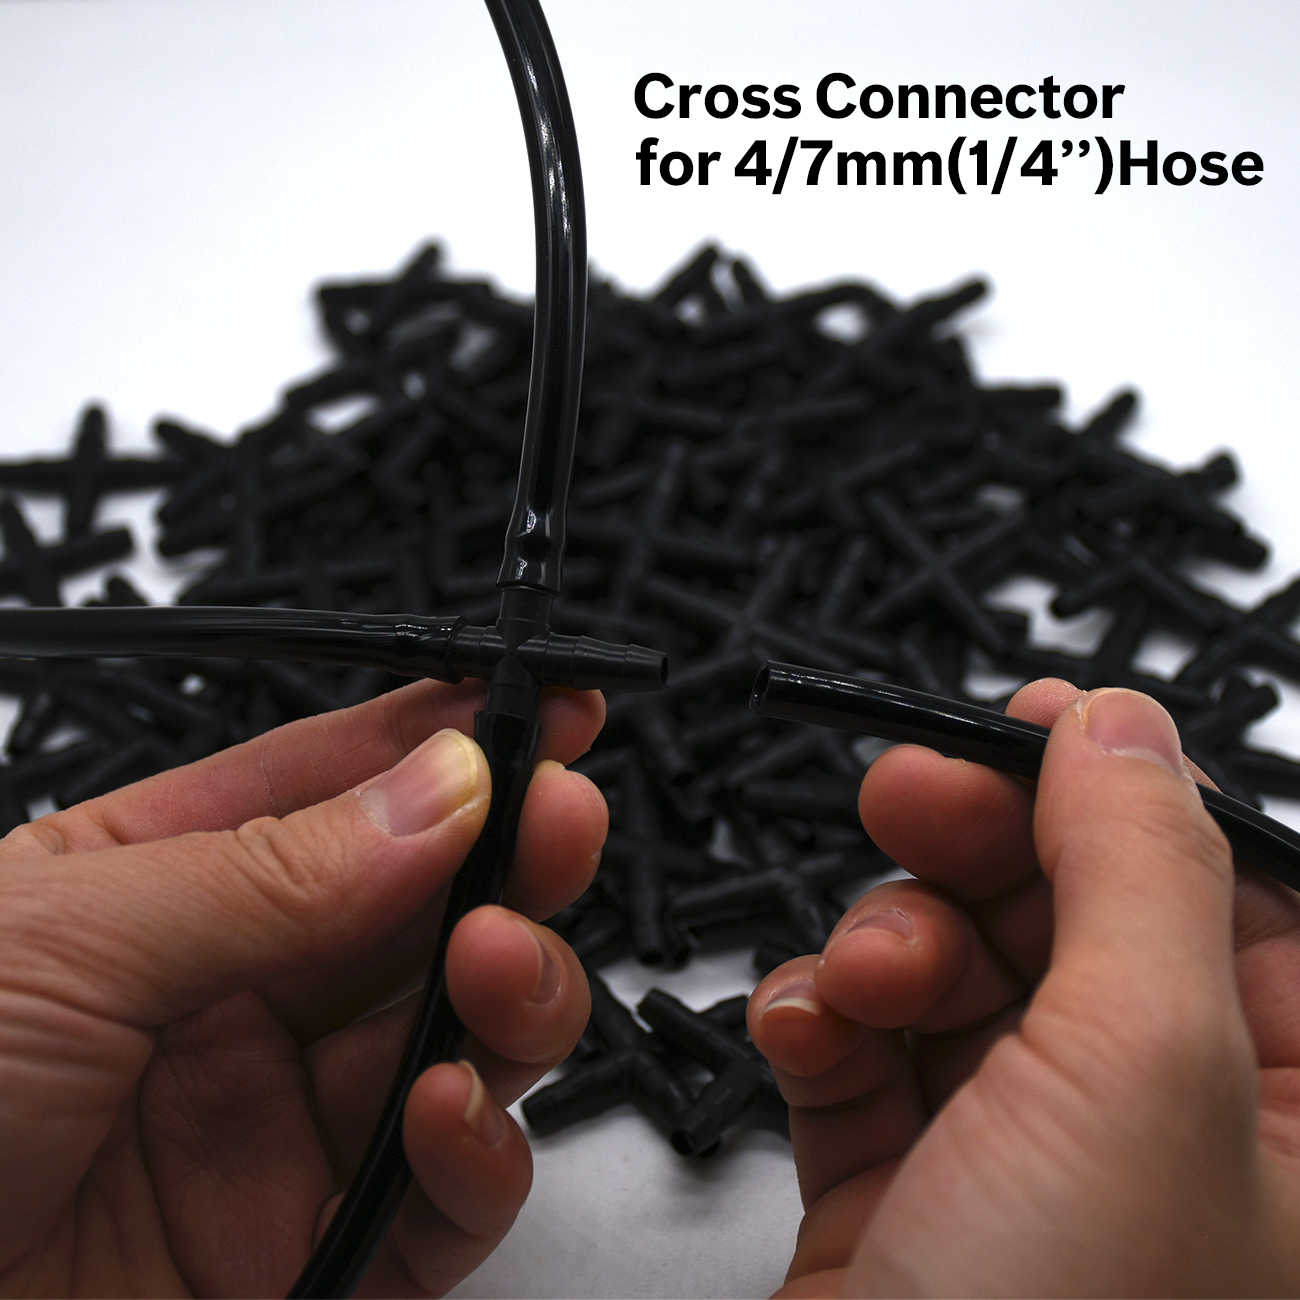 10PCS 1/4 ''Croce Connettore per 4/7 millimetri Micro Tubi Tubo 4 Modi Spinato Adattatore di Irrigazione goccia a goccia giunto trasversale Connettori